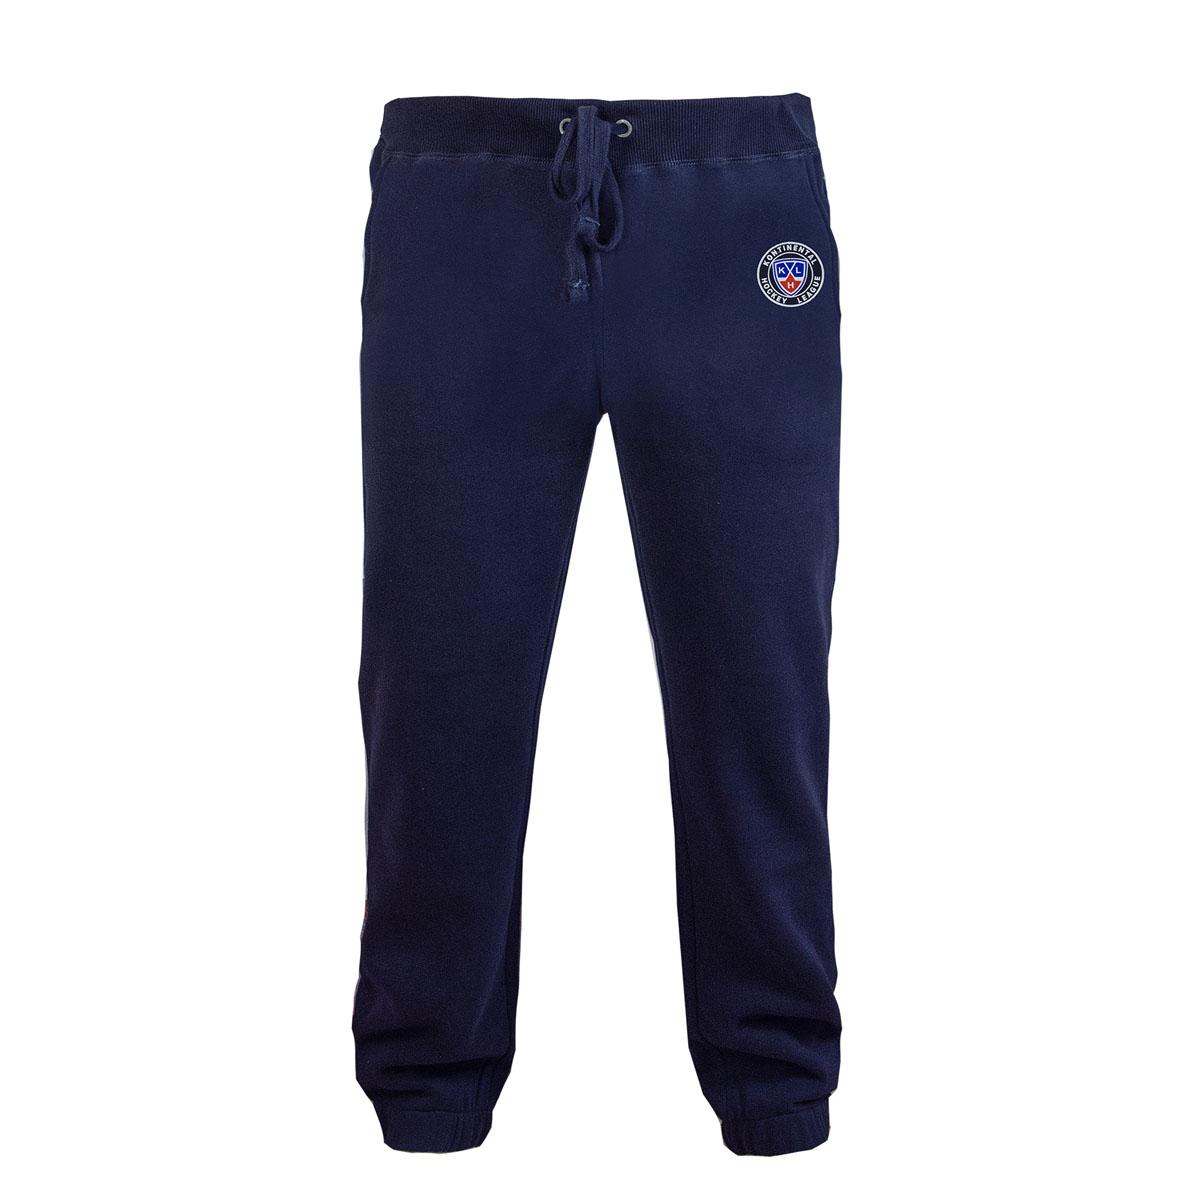 Брюки спортивные КХЛ, цвет: темно-синий. 320000. Размер XS (44)320000Мужские спортивные брюки КХЛ, выполненные из хлопка с добавлением полиэстера, идеально подойдут дляактивного отдыха или занятий спортом. Материал очень мягкий и приятный на ощупь, не сковывает движений ипозволяет коже дышать. Лицевая сторона изделия гладкая, изнаночная - с мягким теплым начесом. Эластичный пояс с затягивающимся шнурком позволяет отрегулировать посадку точно по фигуре. Спередирасположены два втачных кармана, сзади - один прорезной карман на липучке. Низ брючин дополнен узкимитрикотажными манжетами. Изделие украшено нашивкой и аппликацией в виде логотипа КХЛ.Такая модель станет отличным дополнением к вашему гардеробу.